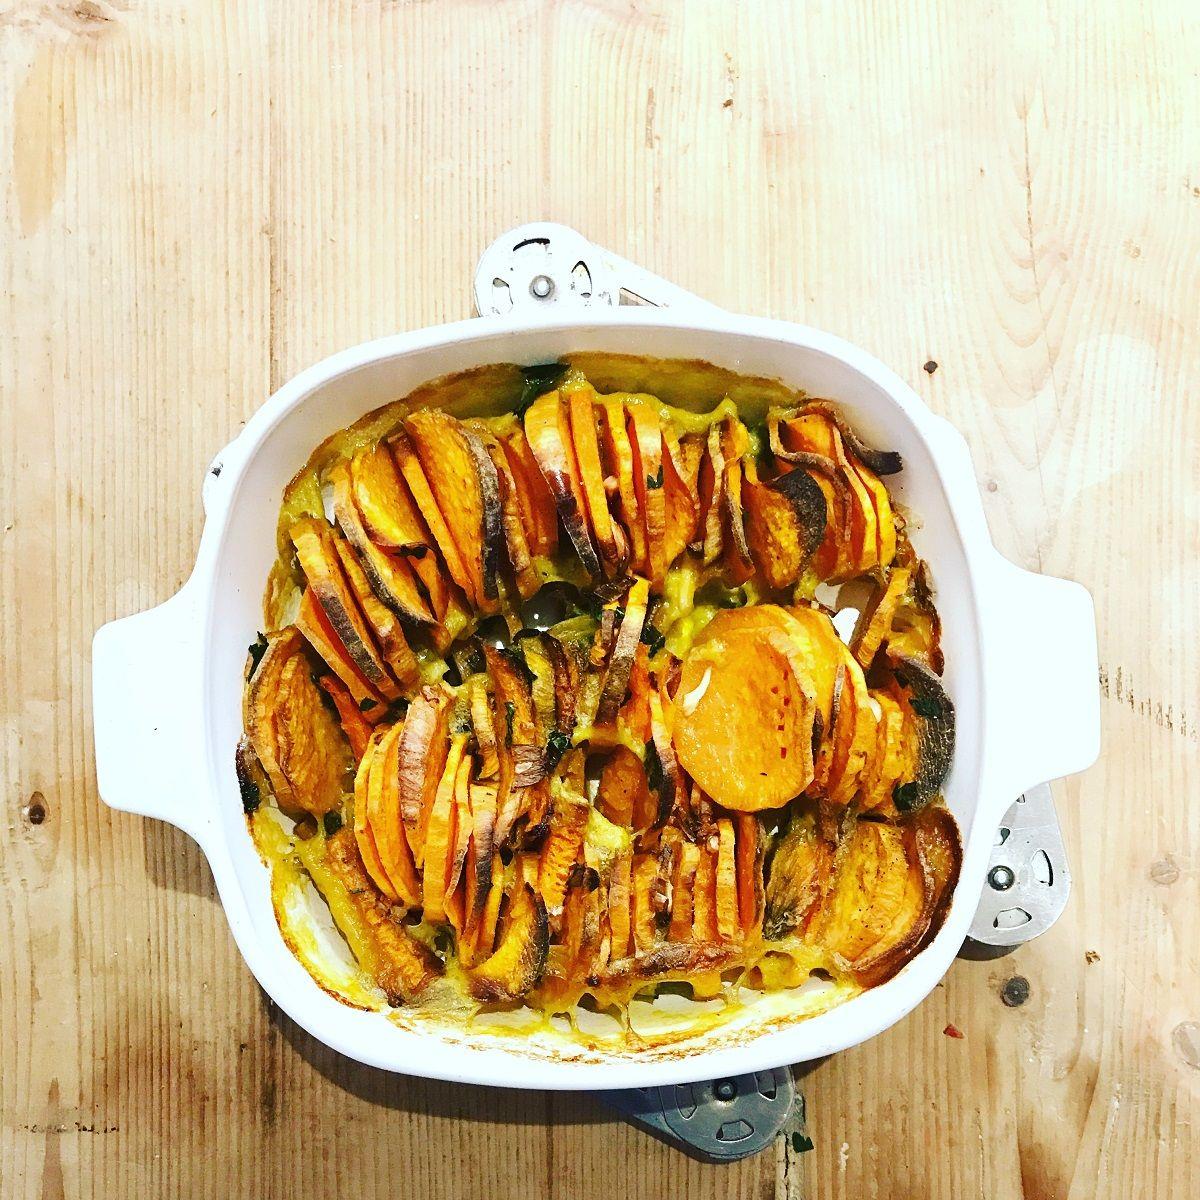 Recette rapide d'un tian aux patates douces & carottes - La saison en cuisine